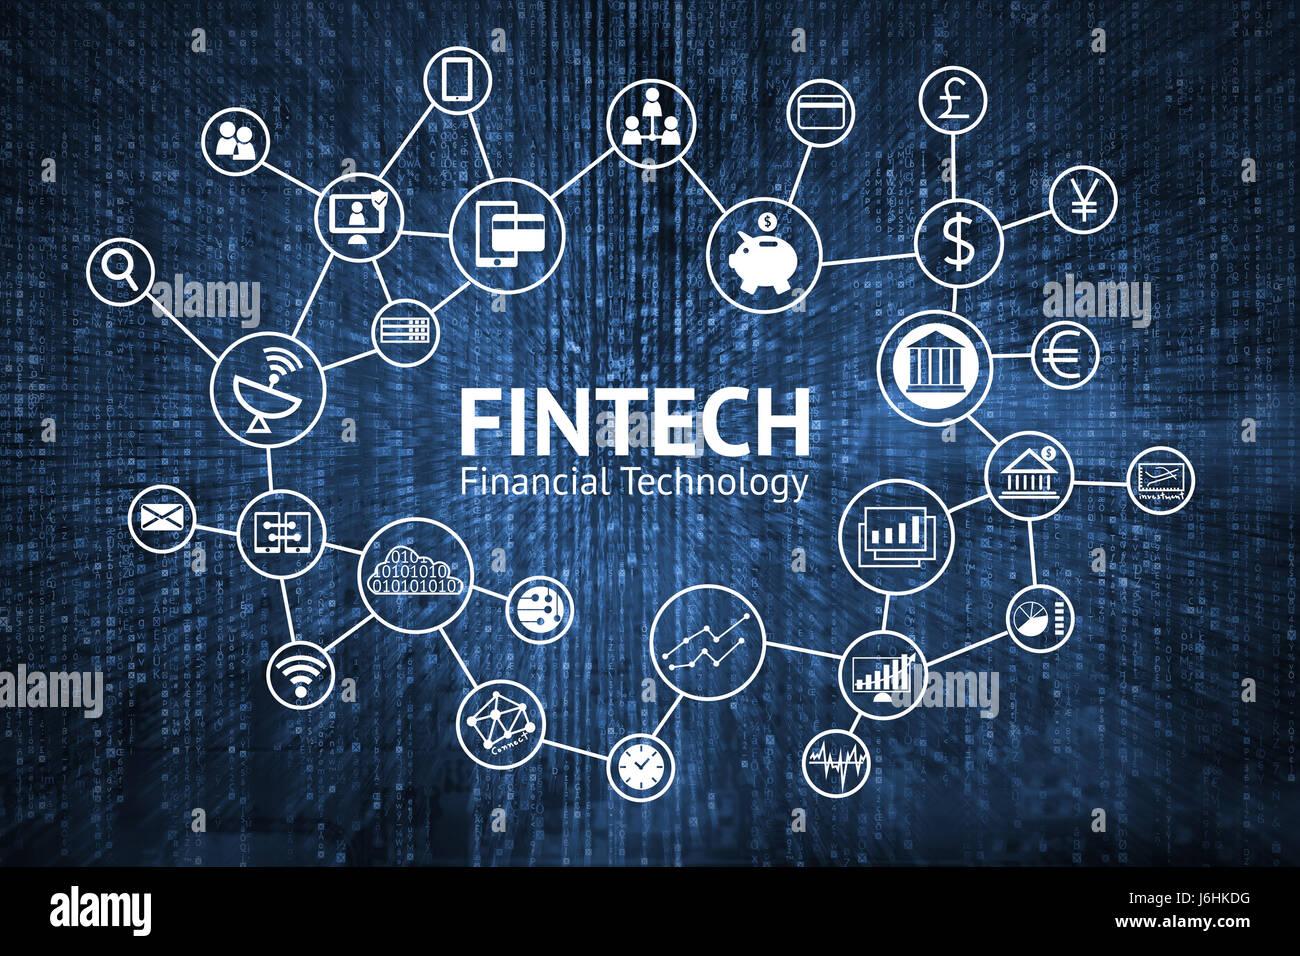 Concept Internet Fintech. texte et de l'investissement de la technologie financière des icônes avec matrice bleu fond codée Banque D'Images